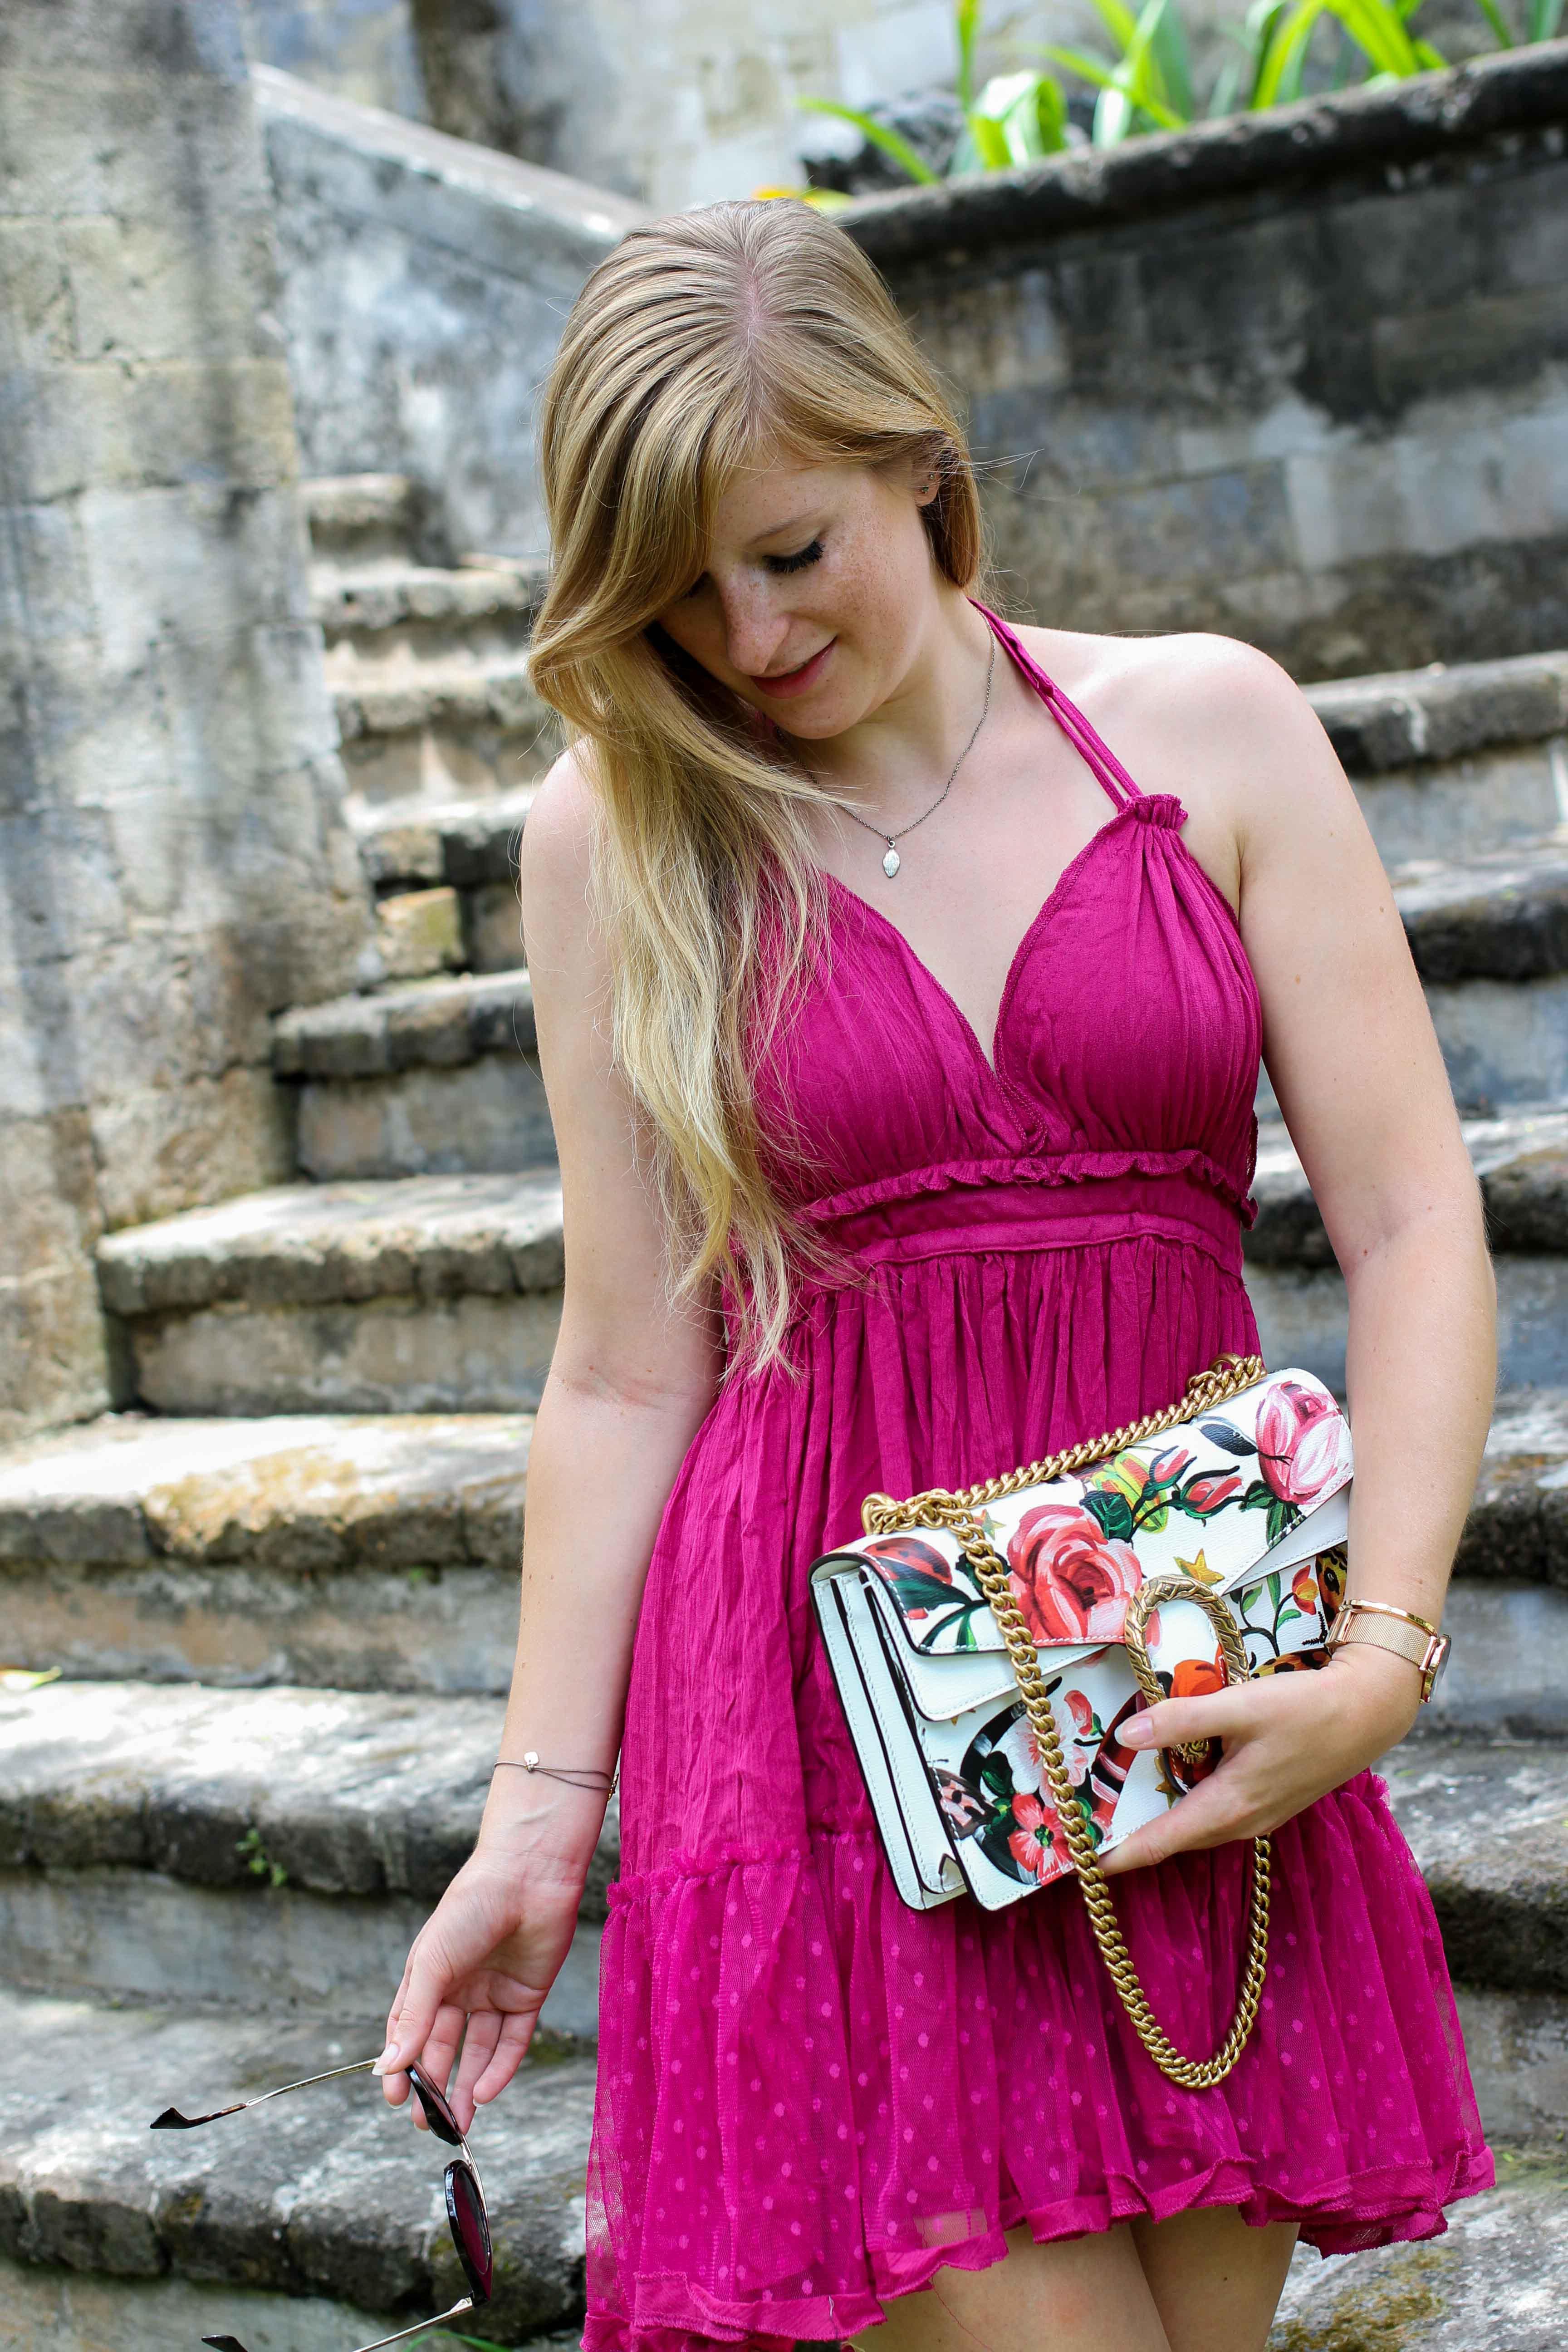 Pinkes Neckholder Kleid kombinieren Sommeroutfit Bali indonesien was tragen Modeblogger Gucci Dionysus garden print 12